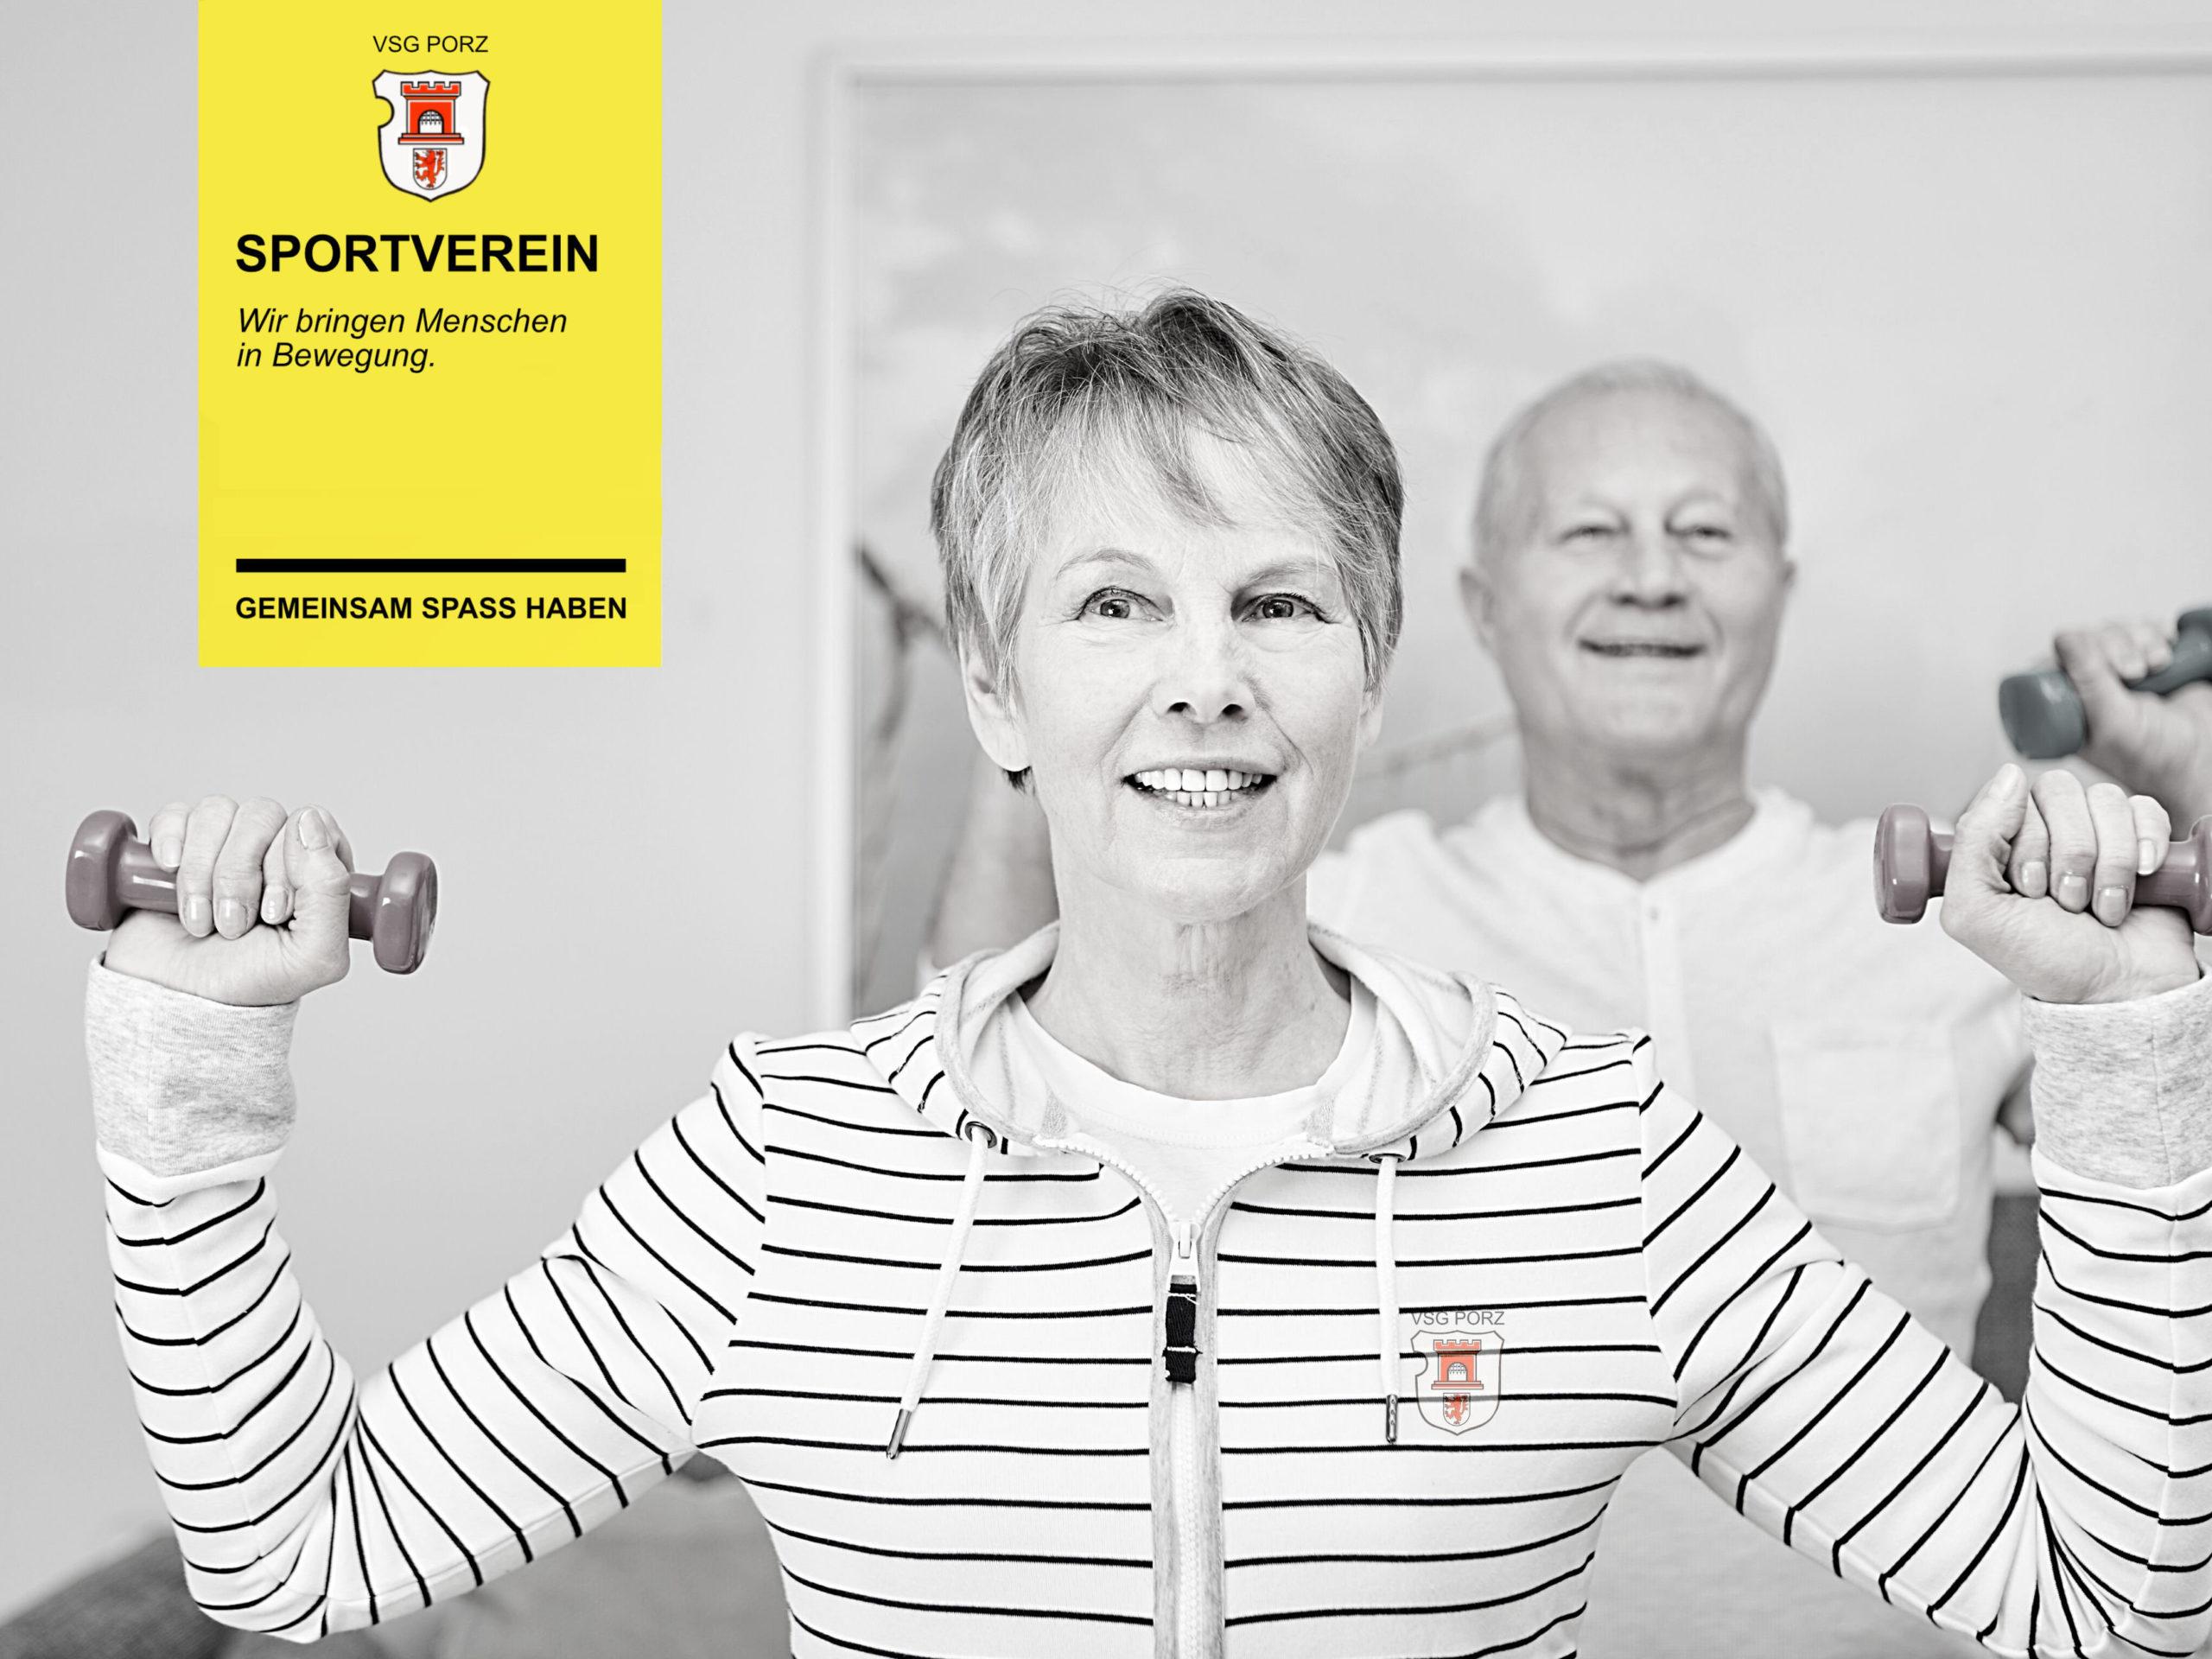 Sportverein VSG Porz - Headerbild -Datenschutz